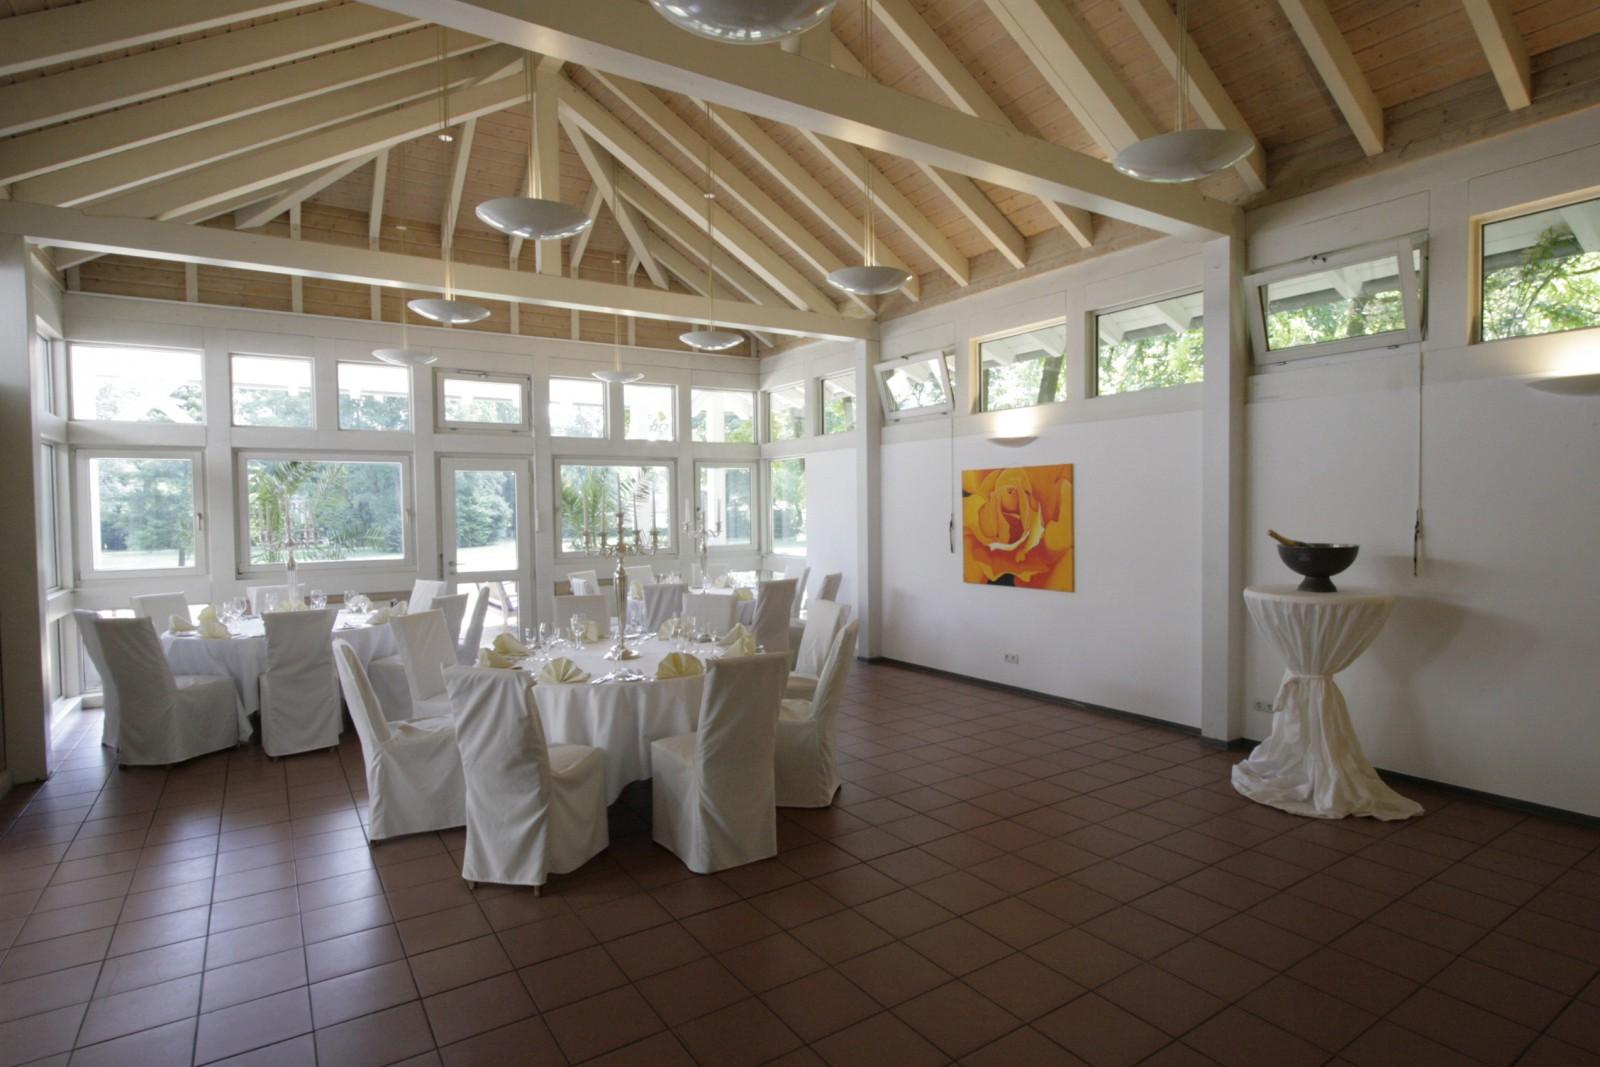 Golfhaus Restaurant in Bad Homburg